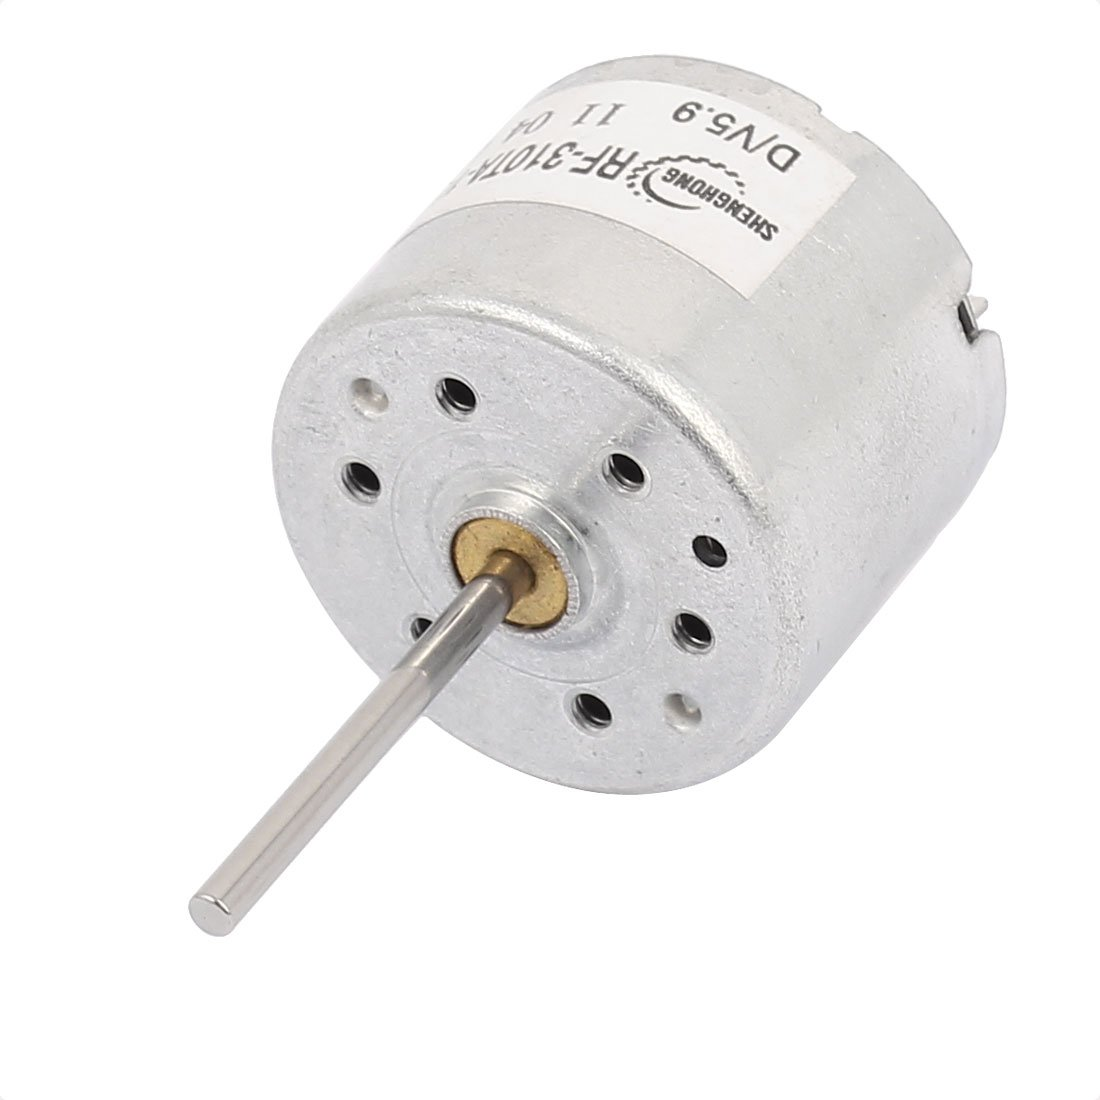 5Stk DC 3-6V 6500RPM hohe Geschwindigkeit Mikro DC-Elektromotor für Zubehör